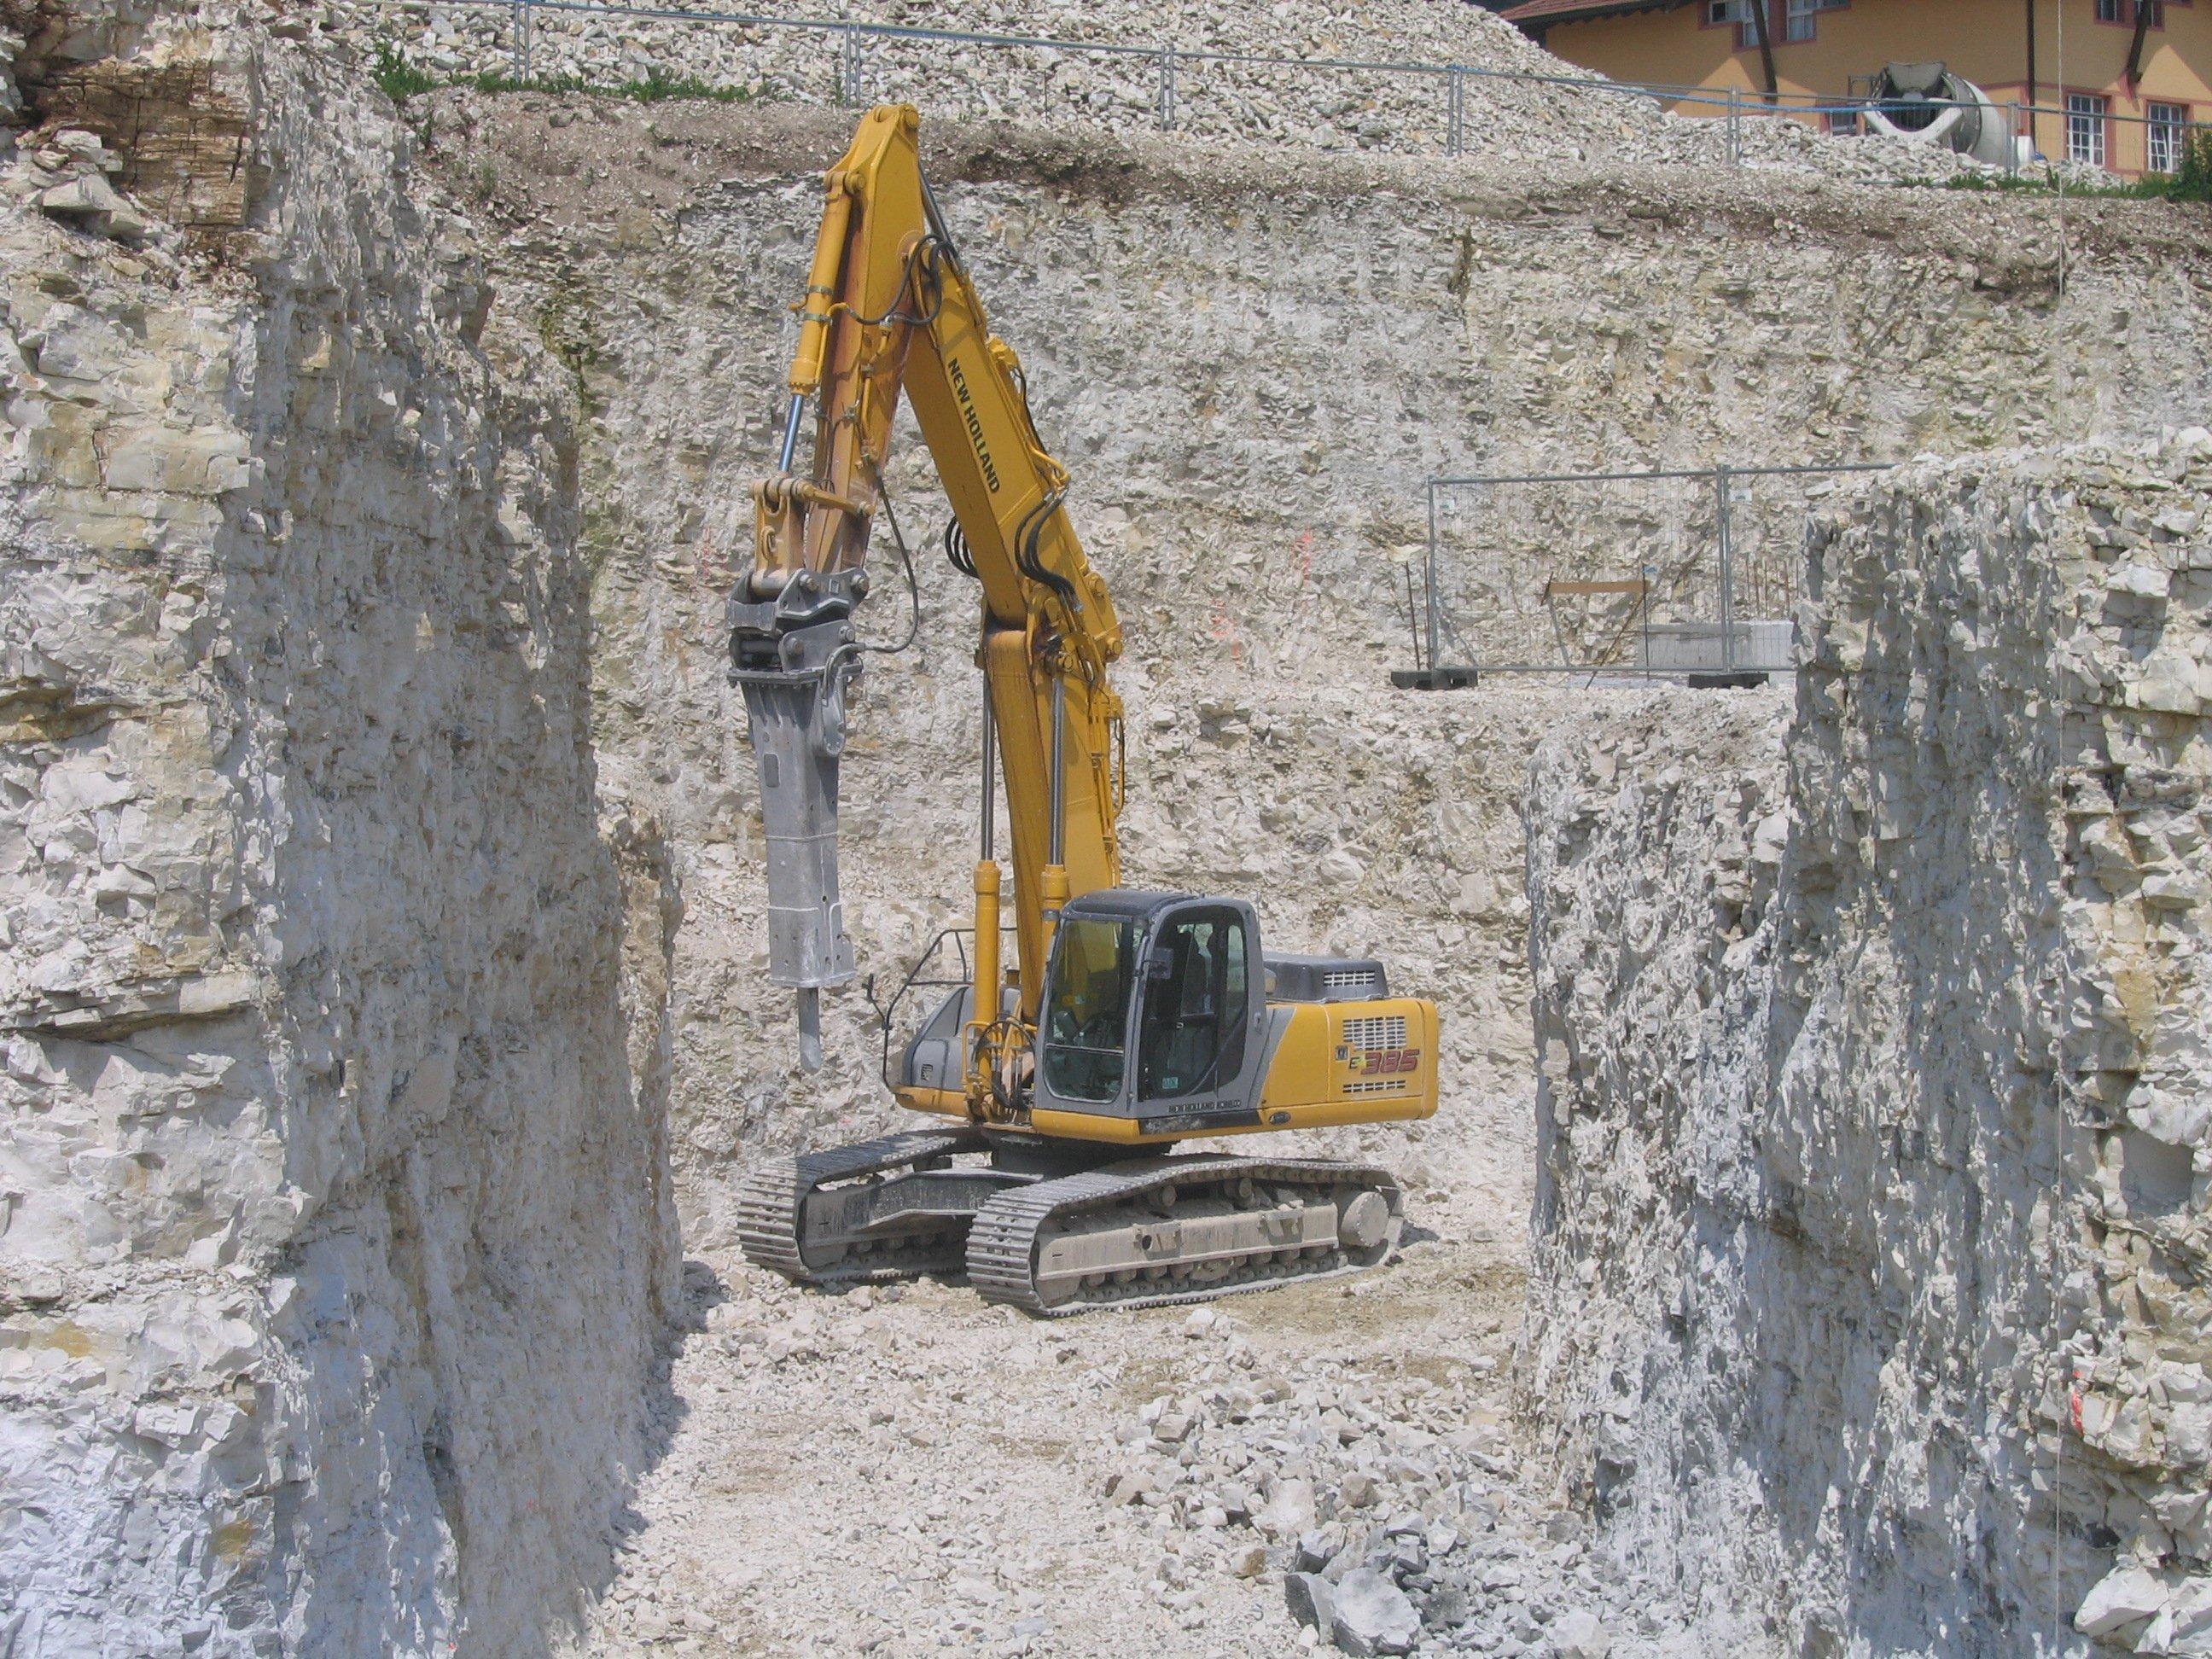 Macchina escavatrice gialla